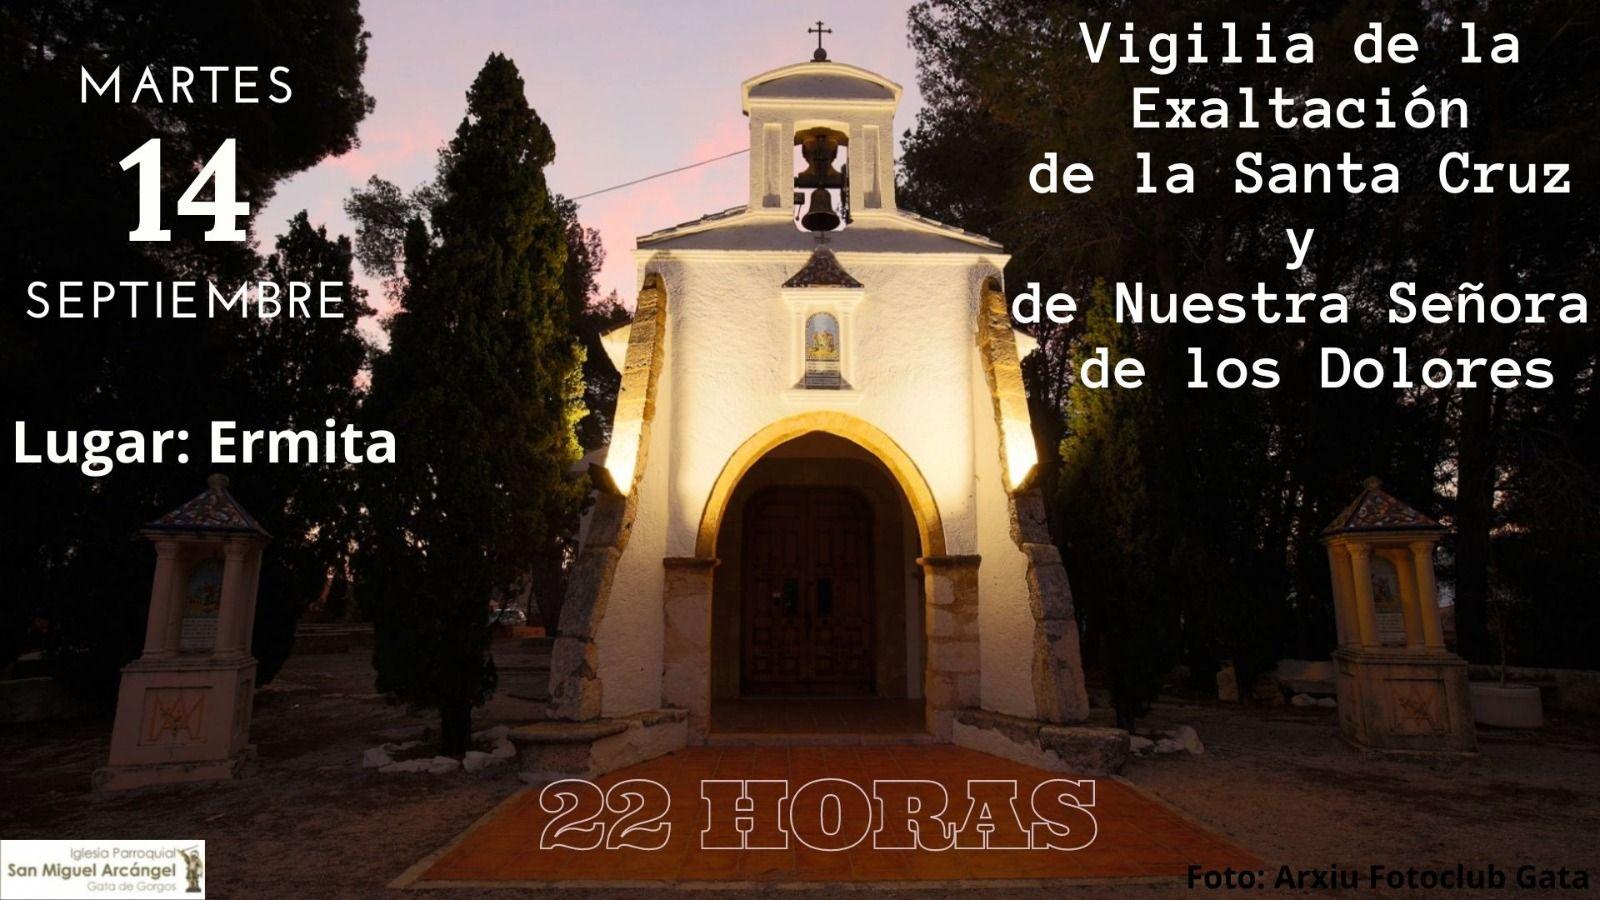 Picture Vigilia de oración